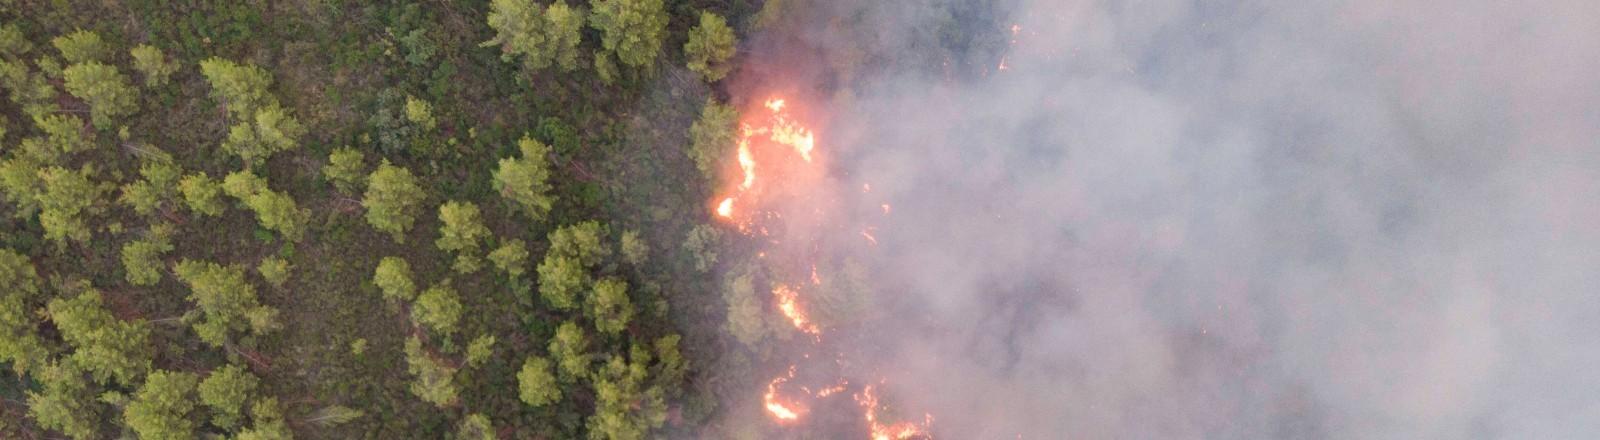 Ein Feuer brennt sich durch den Wald in Griechenland